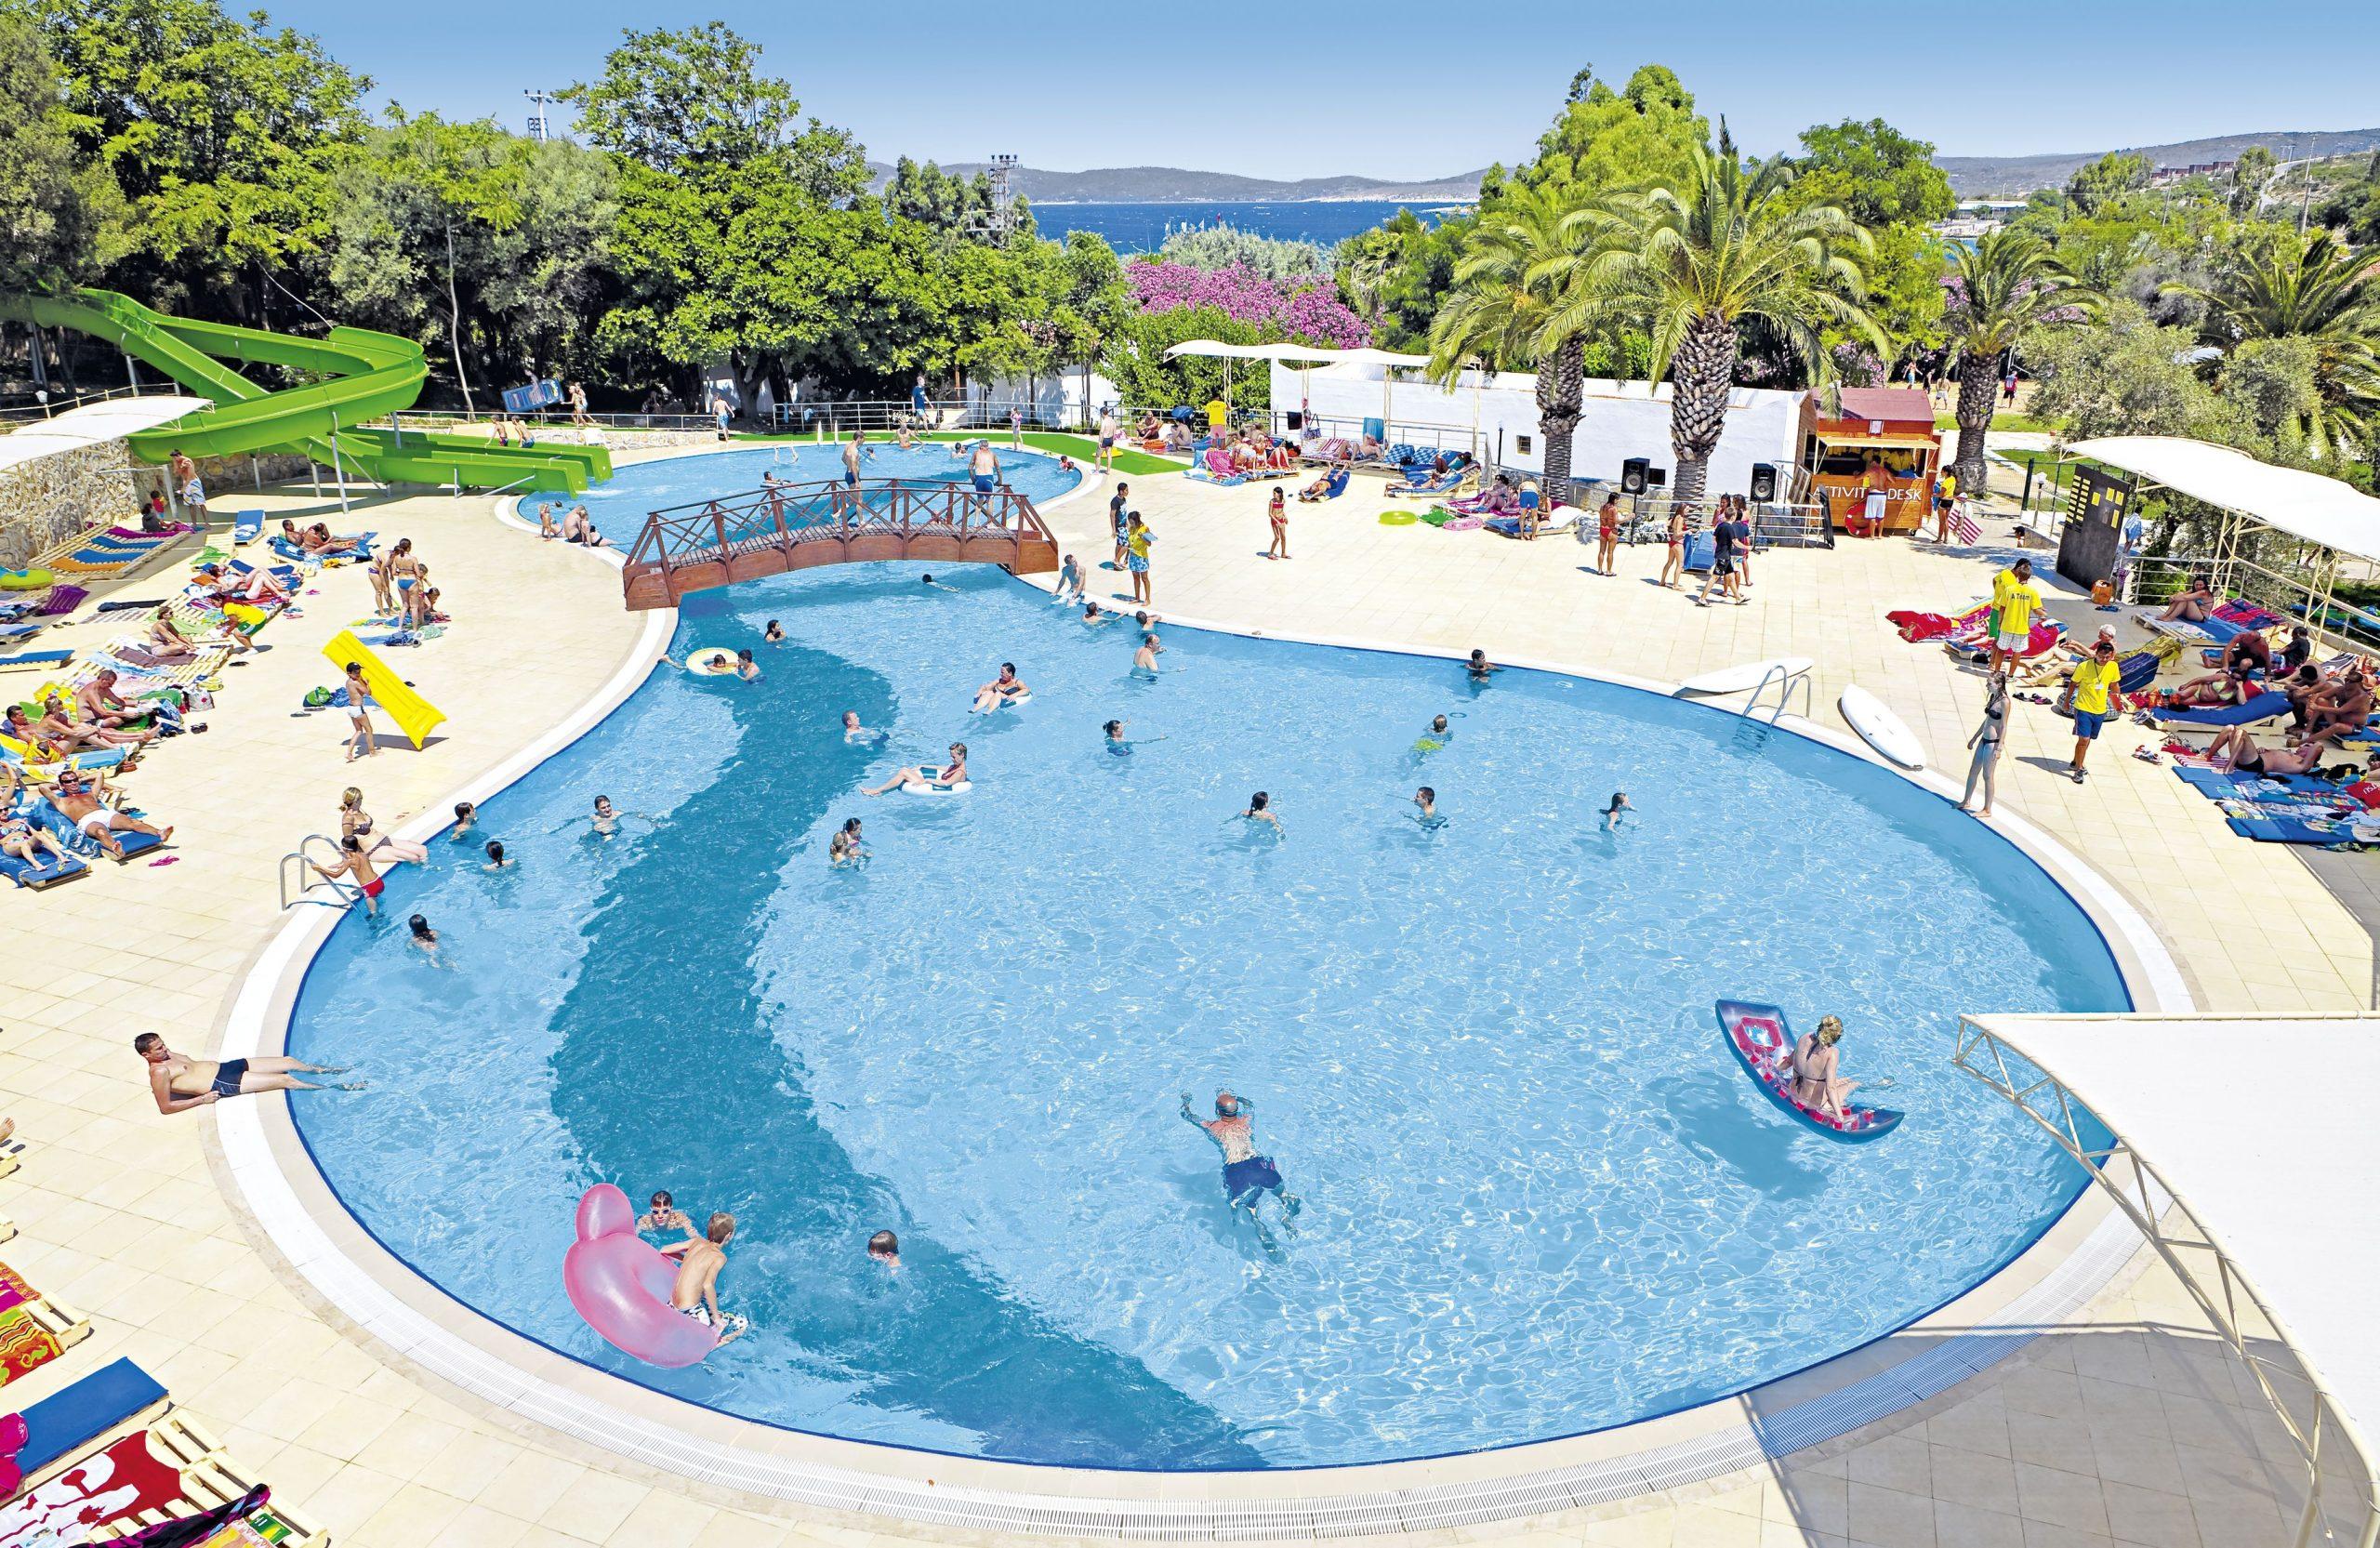 Club Resort Atlantis - 4* à Piscine Atlantis Albi